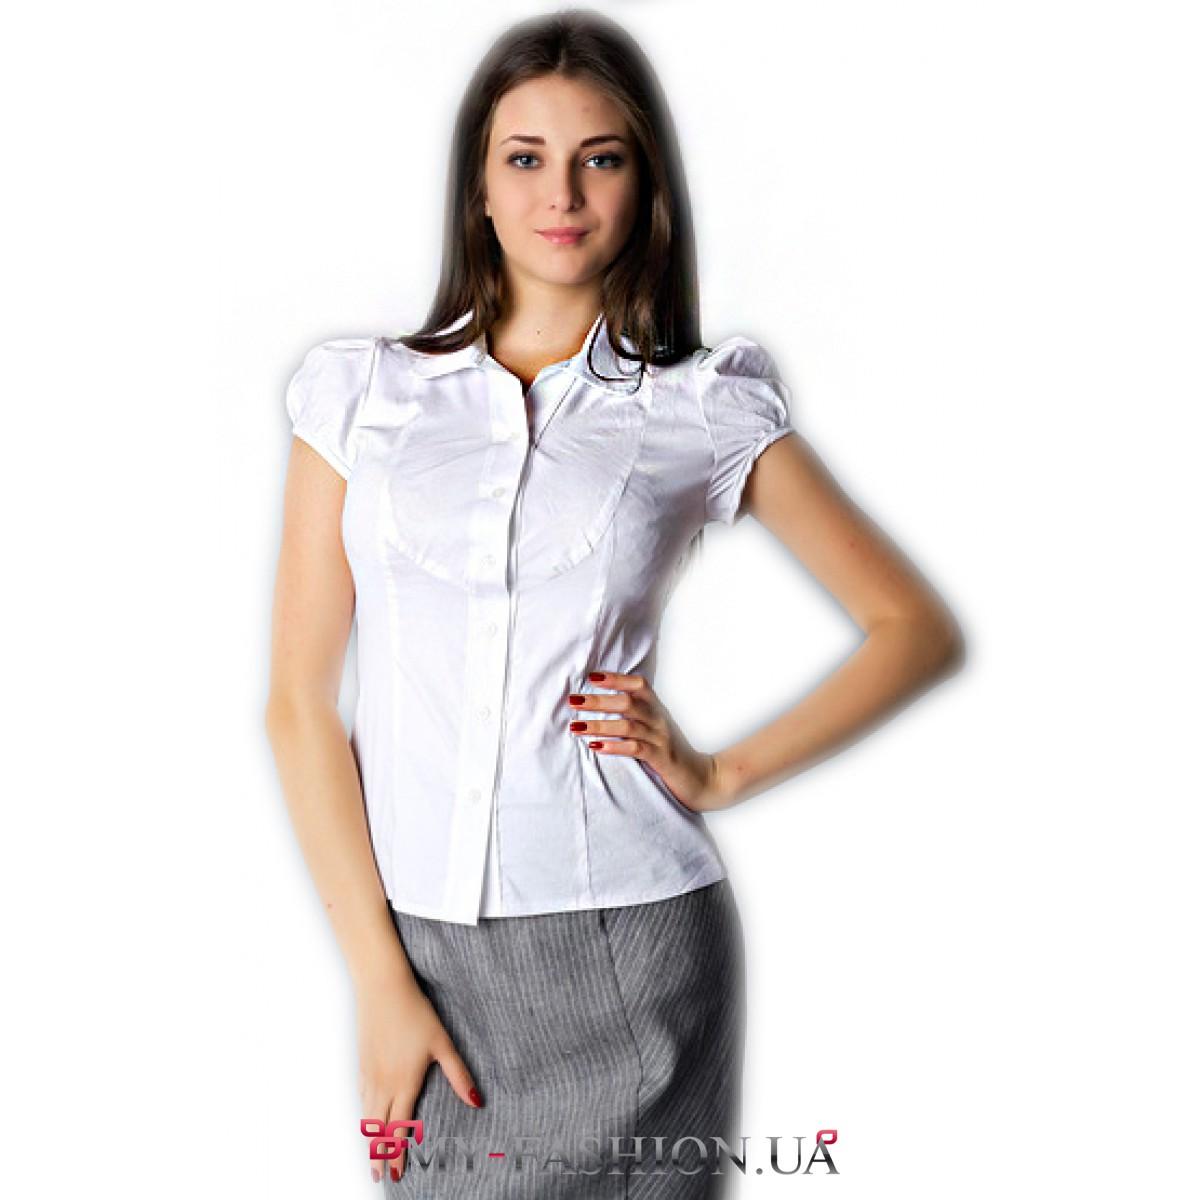 75b8810eeb9 Белая офисная блуза с рукавами-фонариками купить в интернет магазине ...